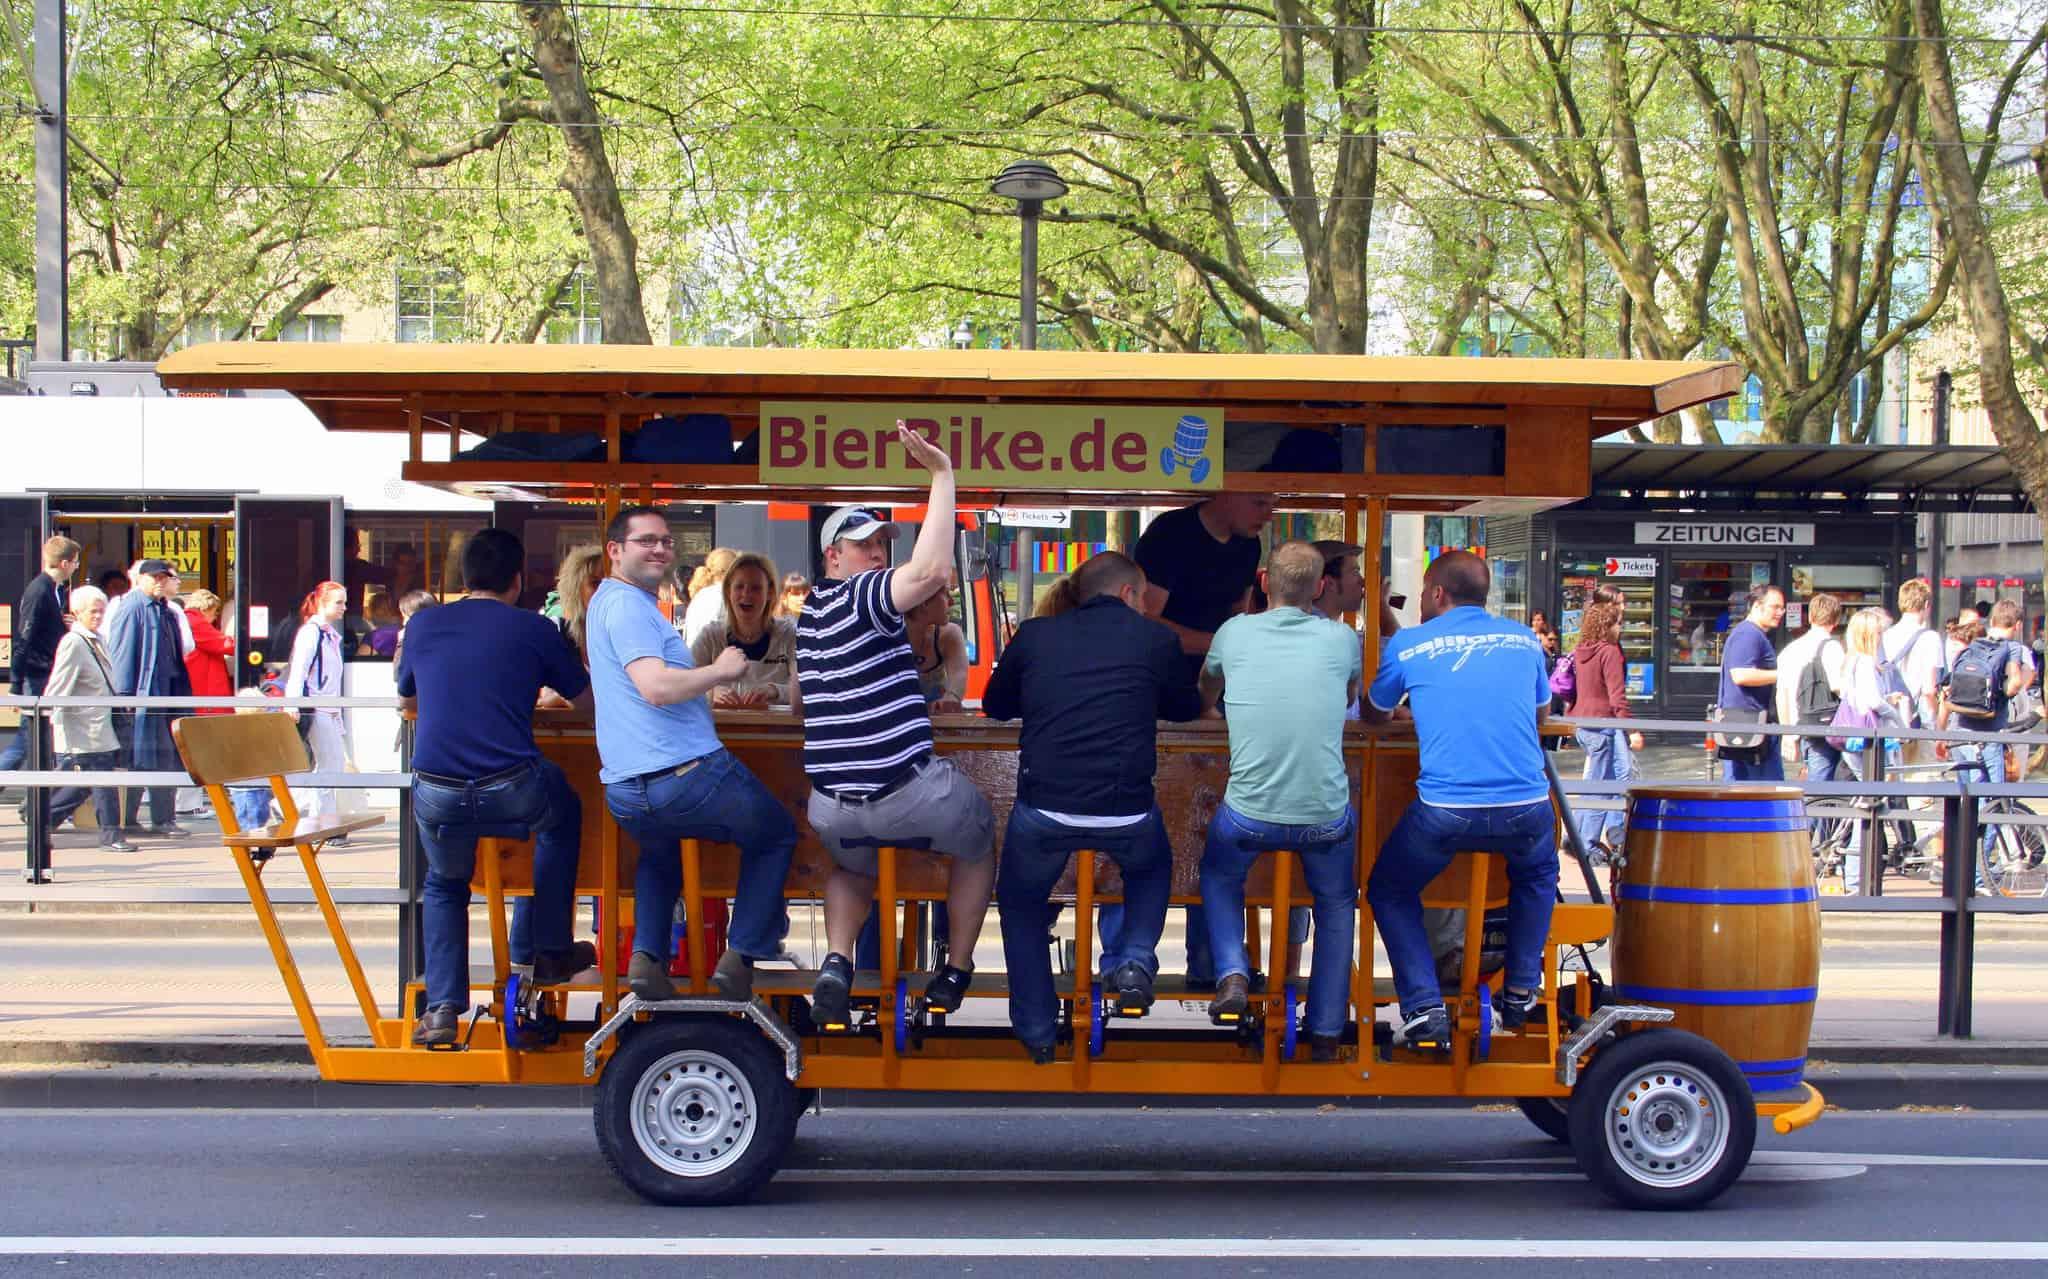 grupa turystów jadąca po Berlinie w beer bike'u